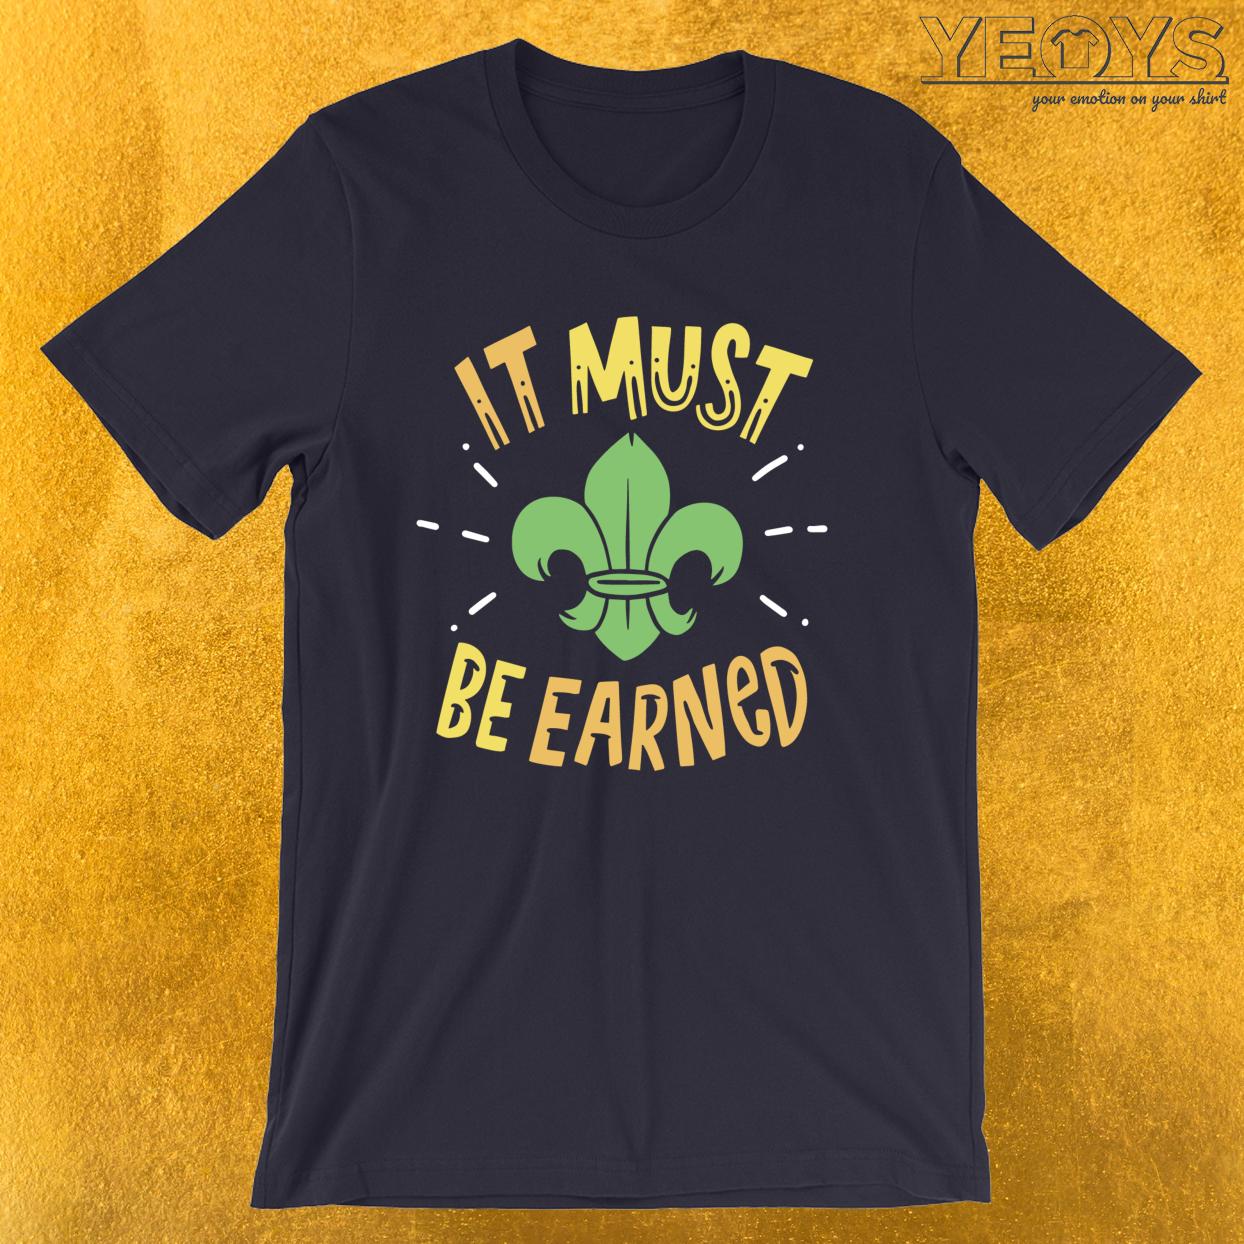 It Must Be Earned – Girl & Boy Scout Tee